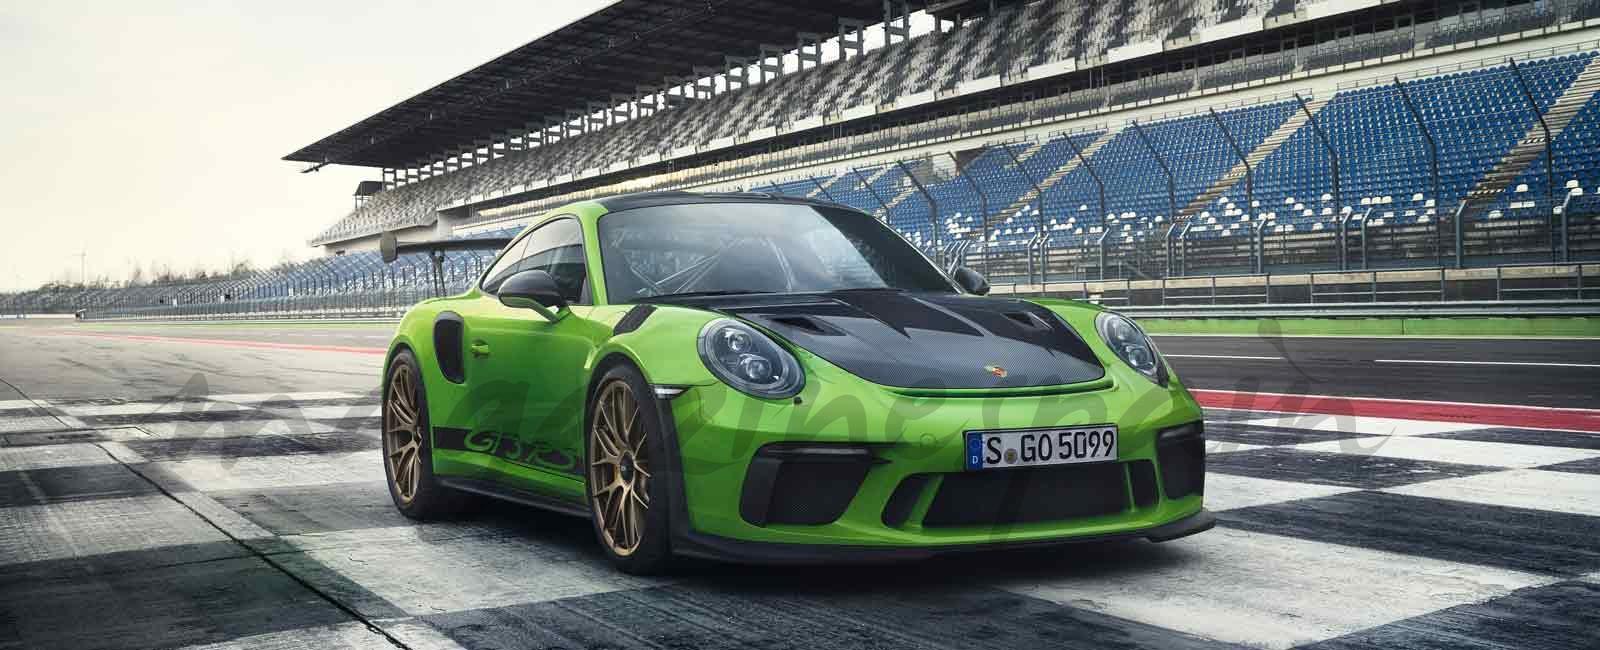 Estreno mundial del nuevo Porsche 911 GT3 RS